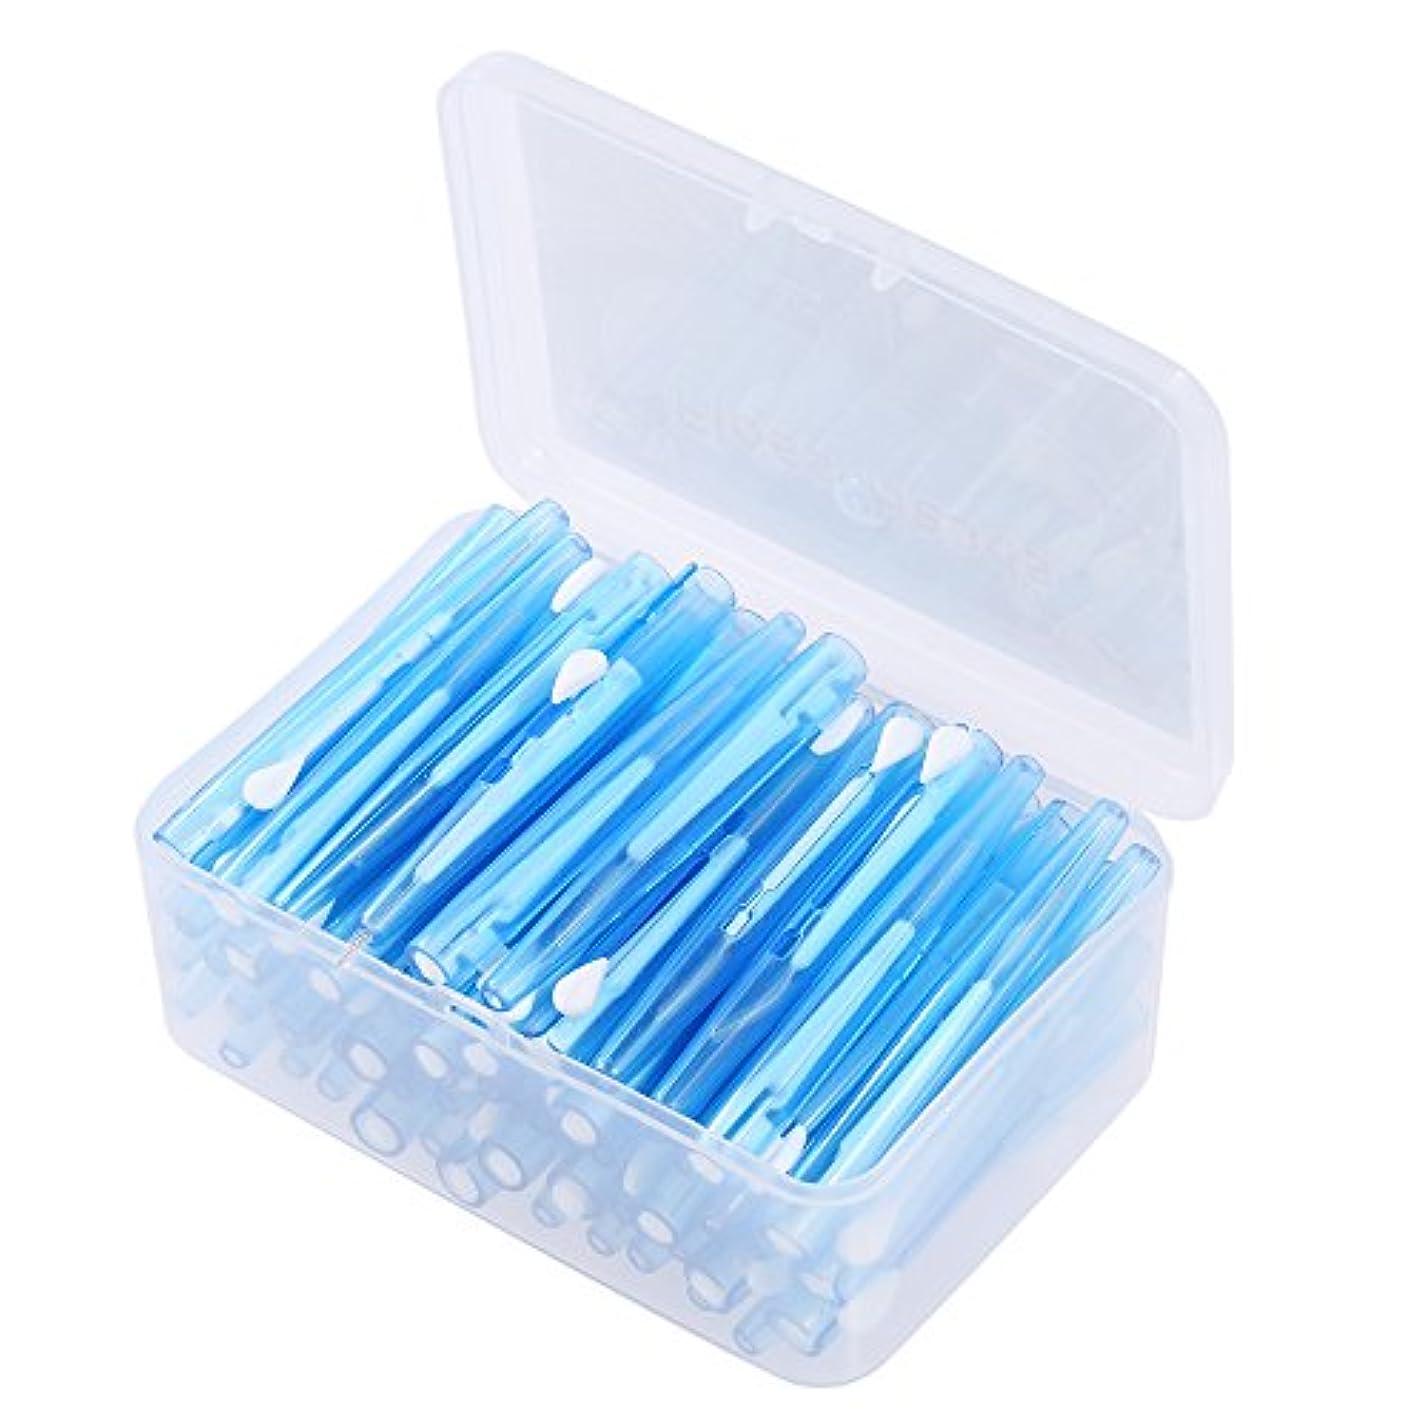 責めるレモンリサイクルするDecdeal デンタルフロスピック 60個/箱 デンタルブラシ ディープクリーンヘルスケア用 歯ティルトピック リフィルインター